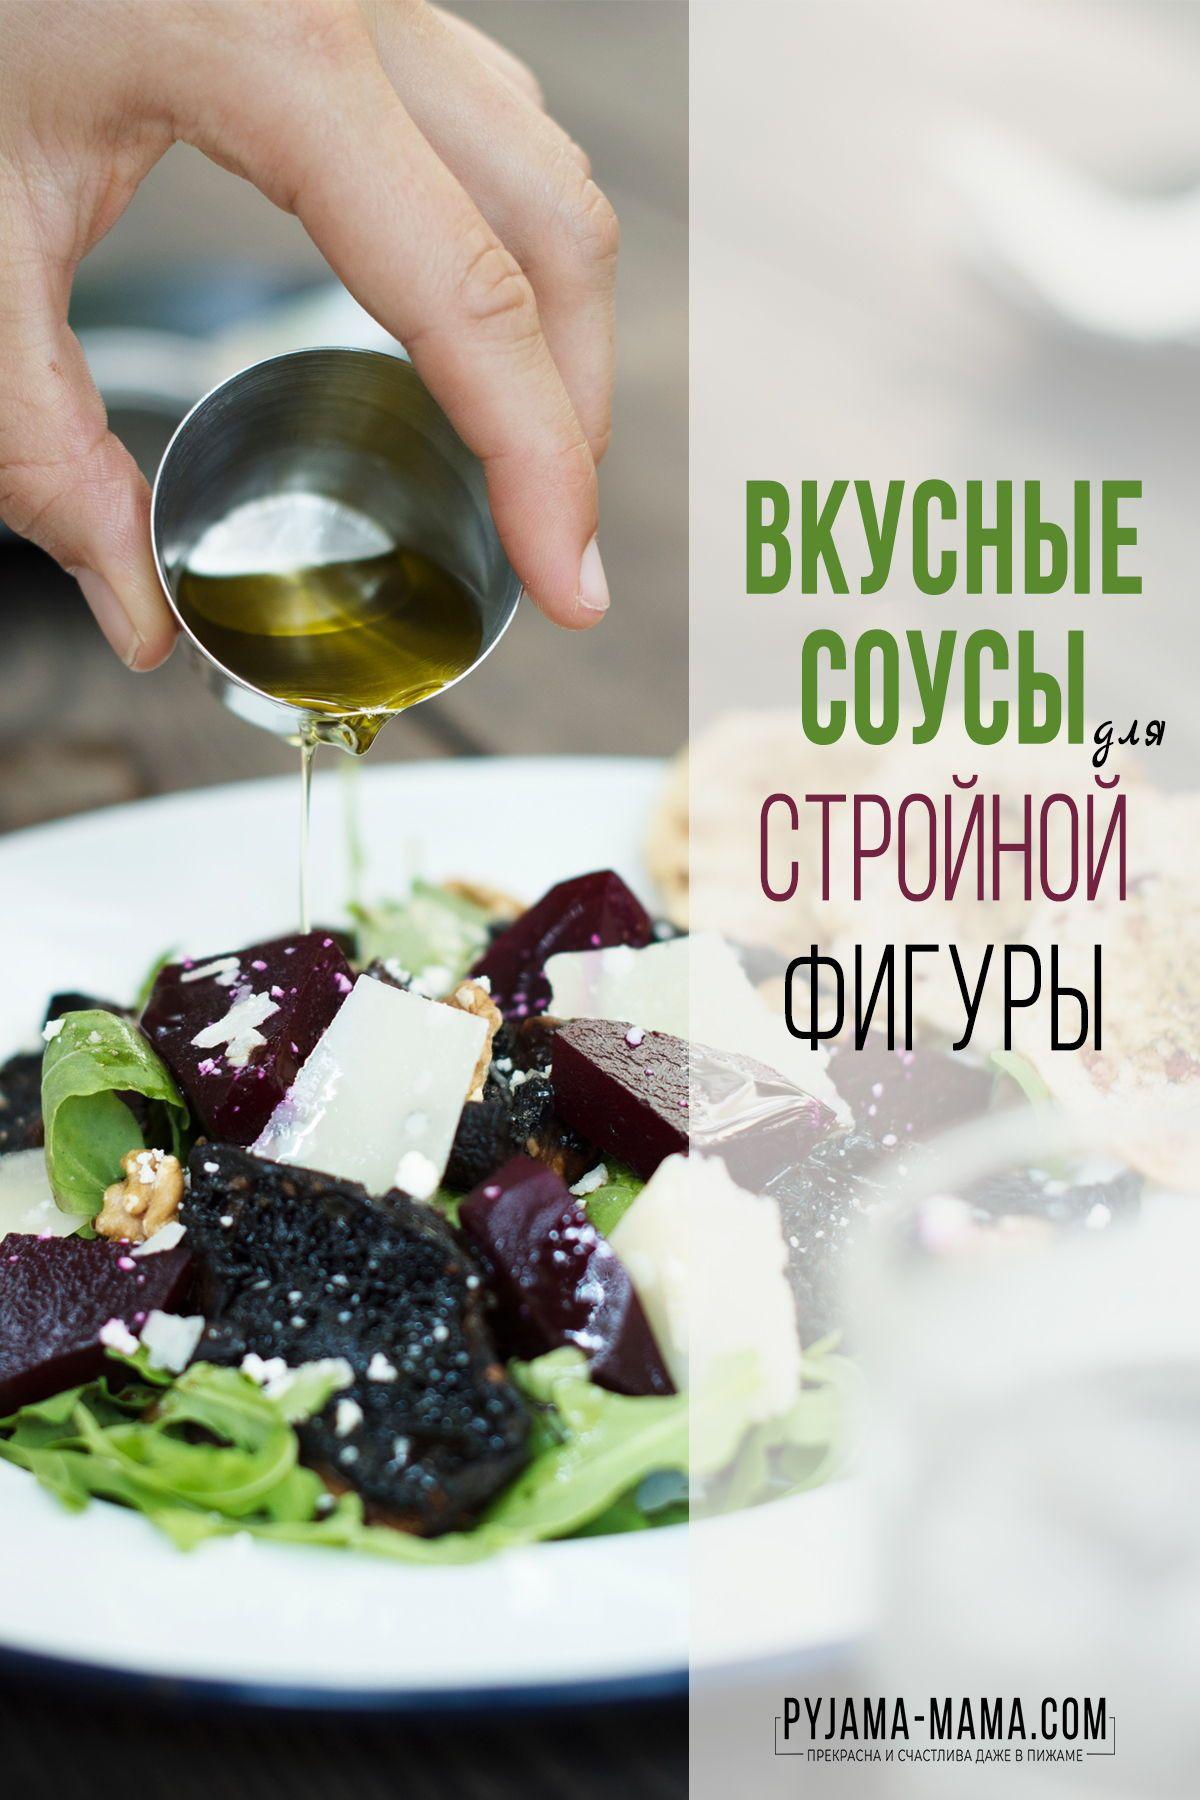 Пп соусы рецепты с фото простые и вкусные 1